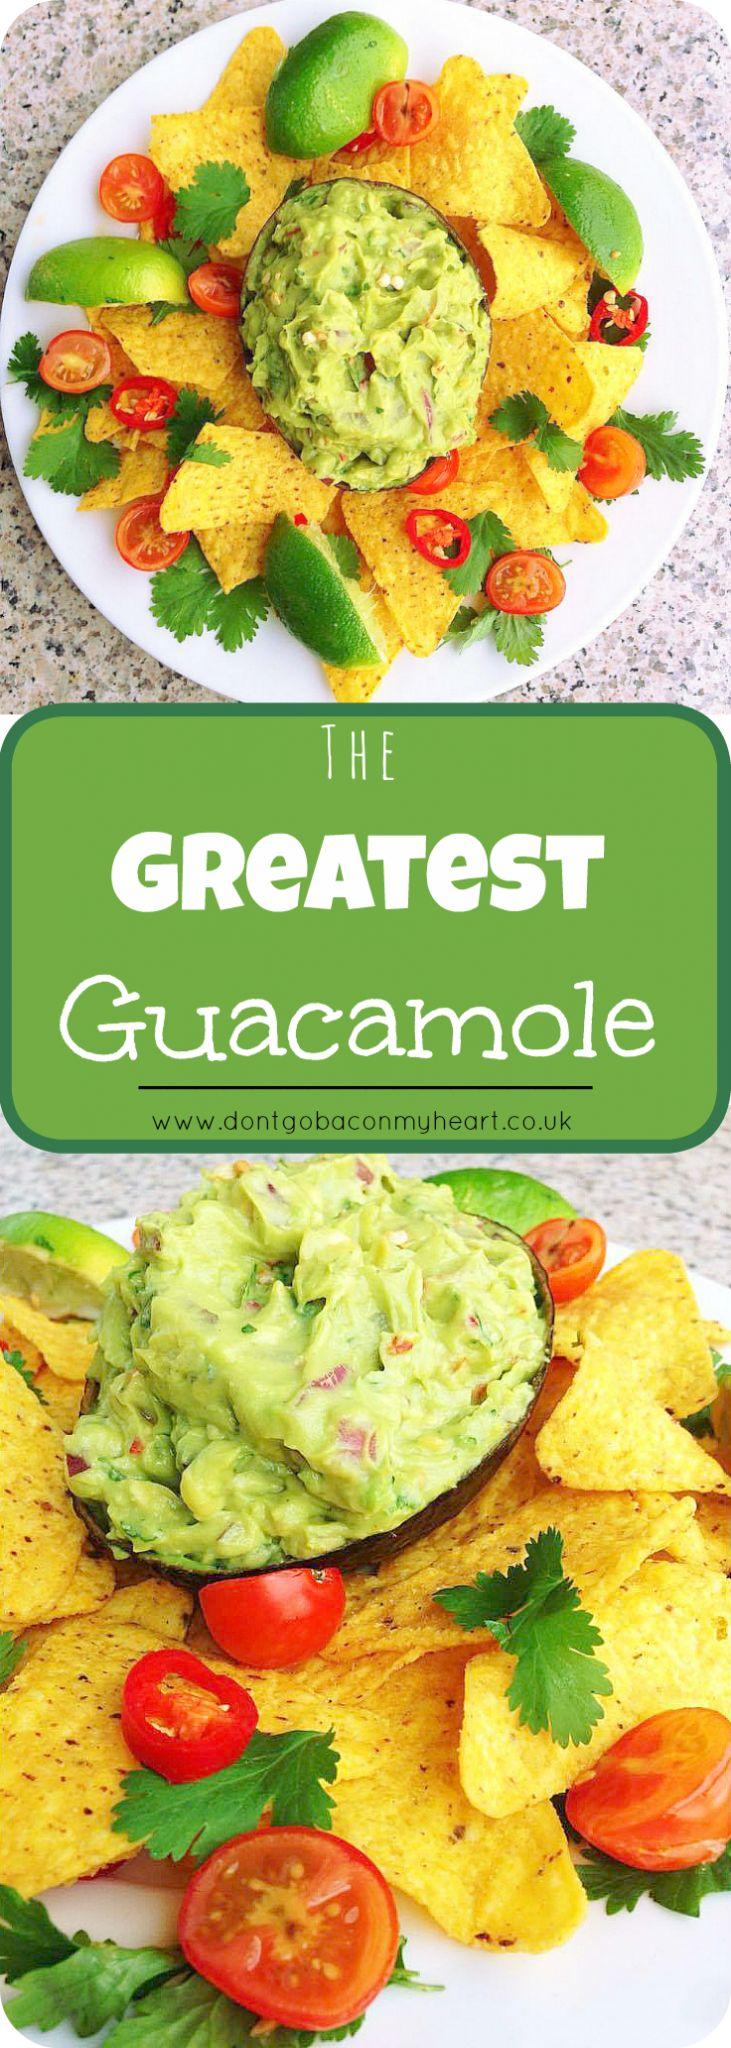 The Greatest Guacamole!